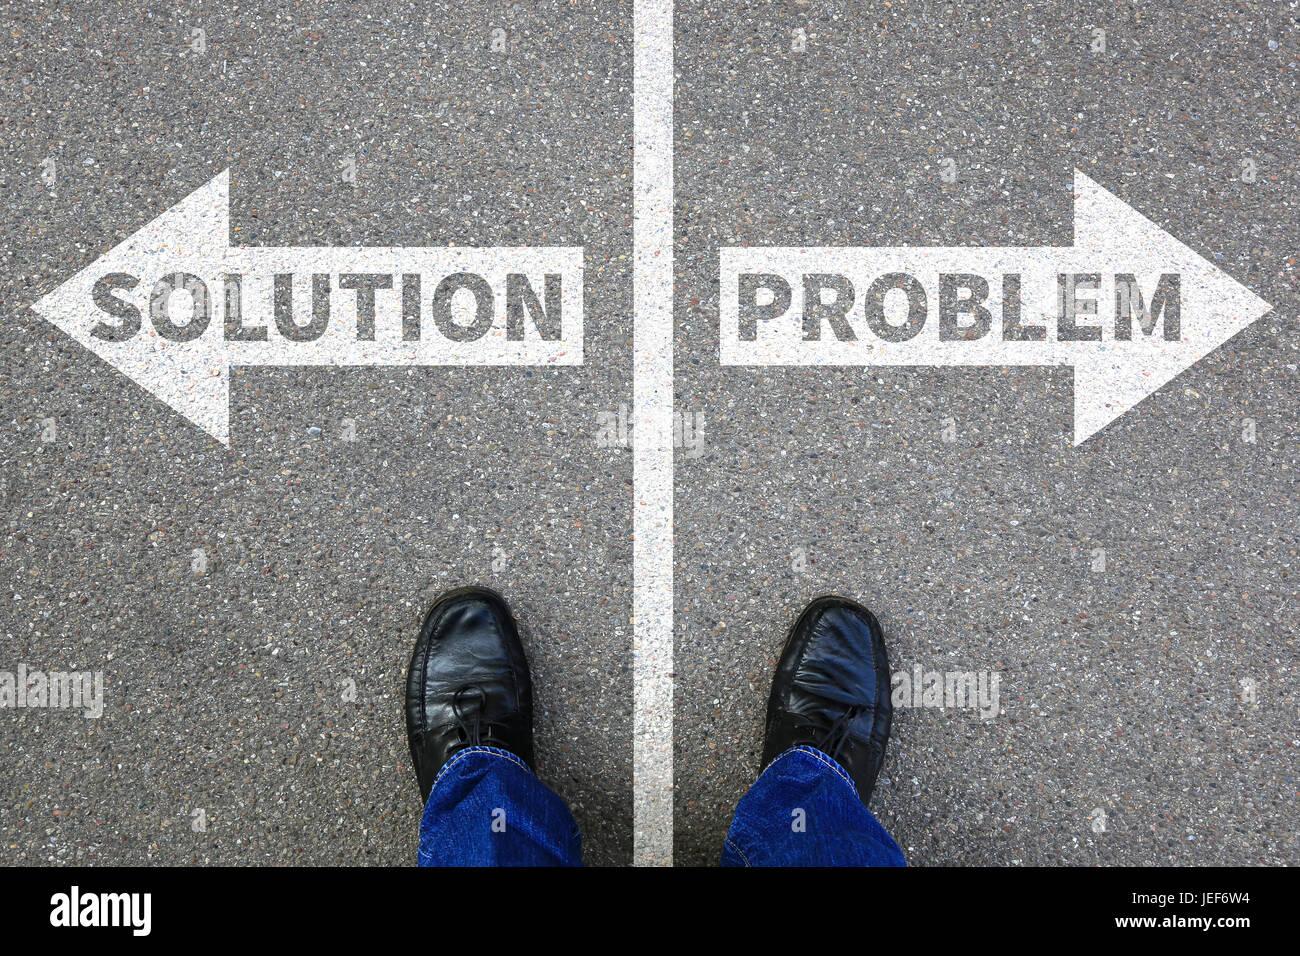 Ricerca di soluzione problema imprenditore il concetto di business di successo i problemi Immagini Stock